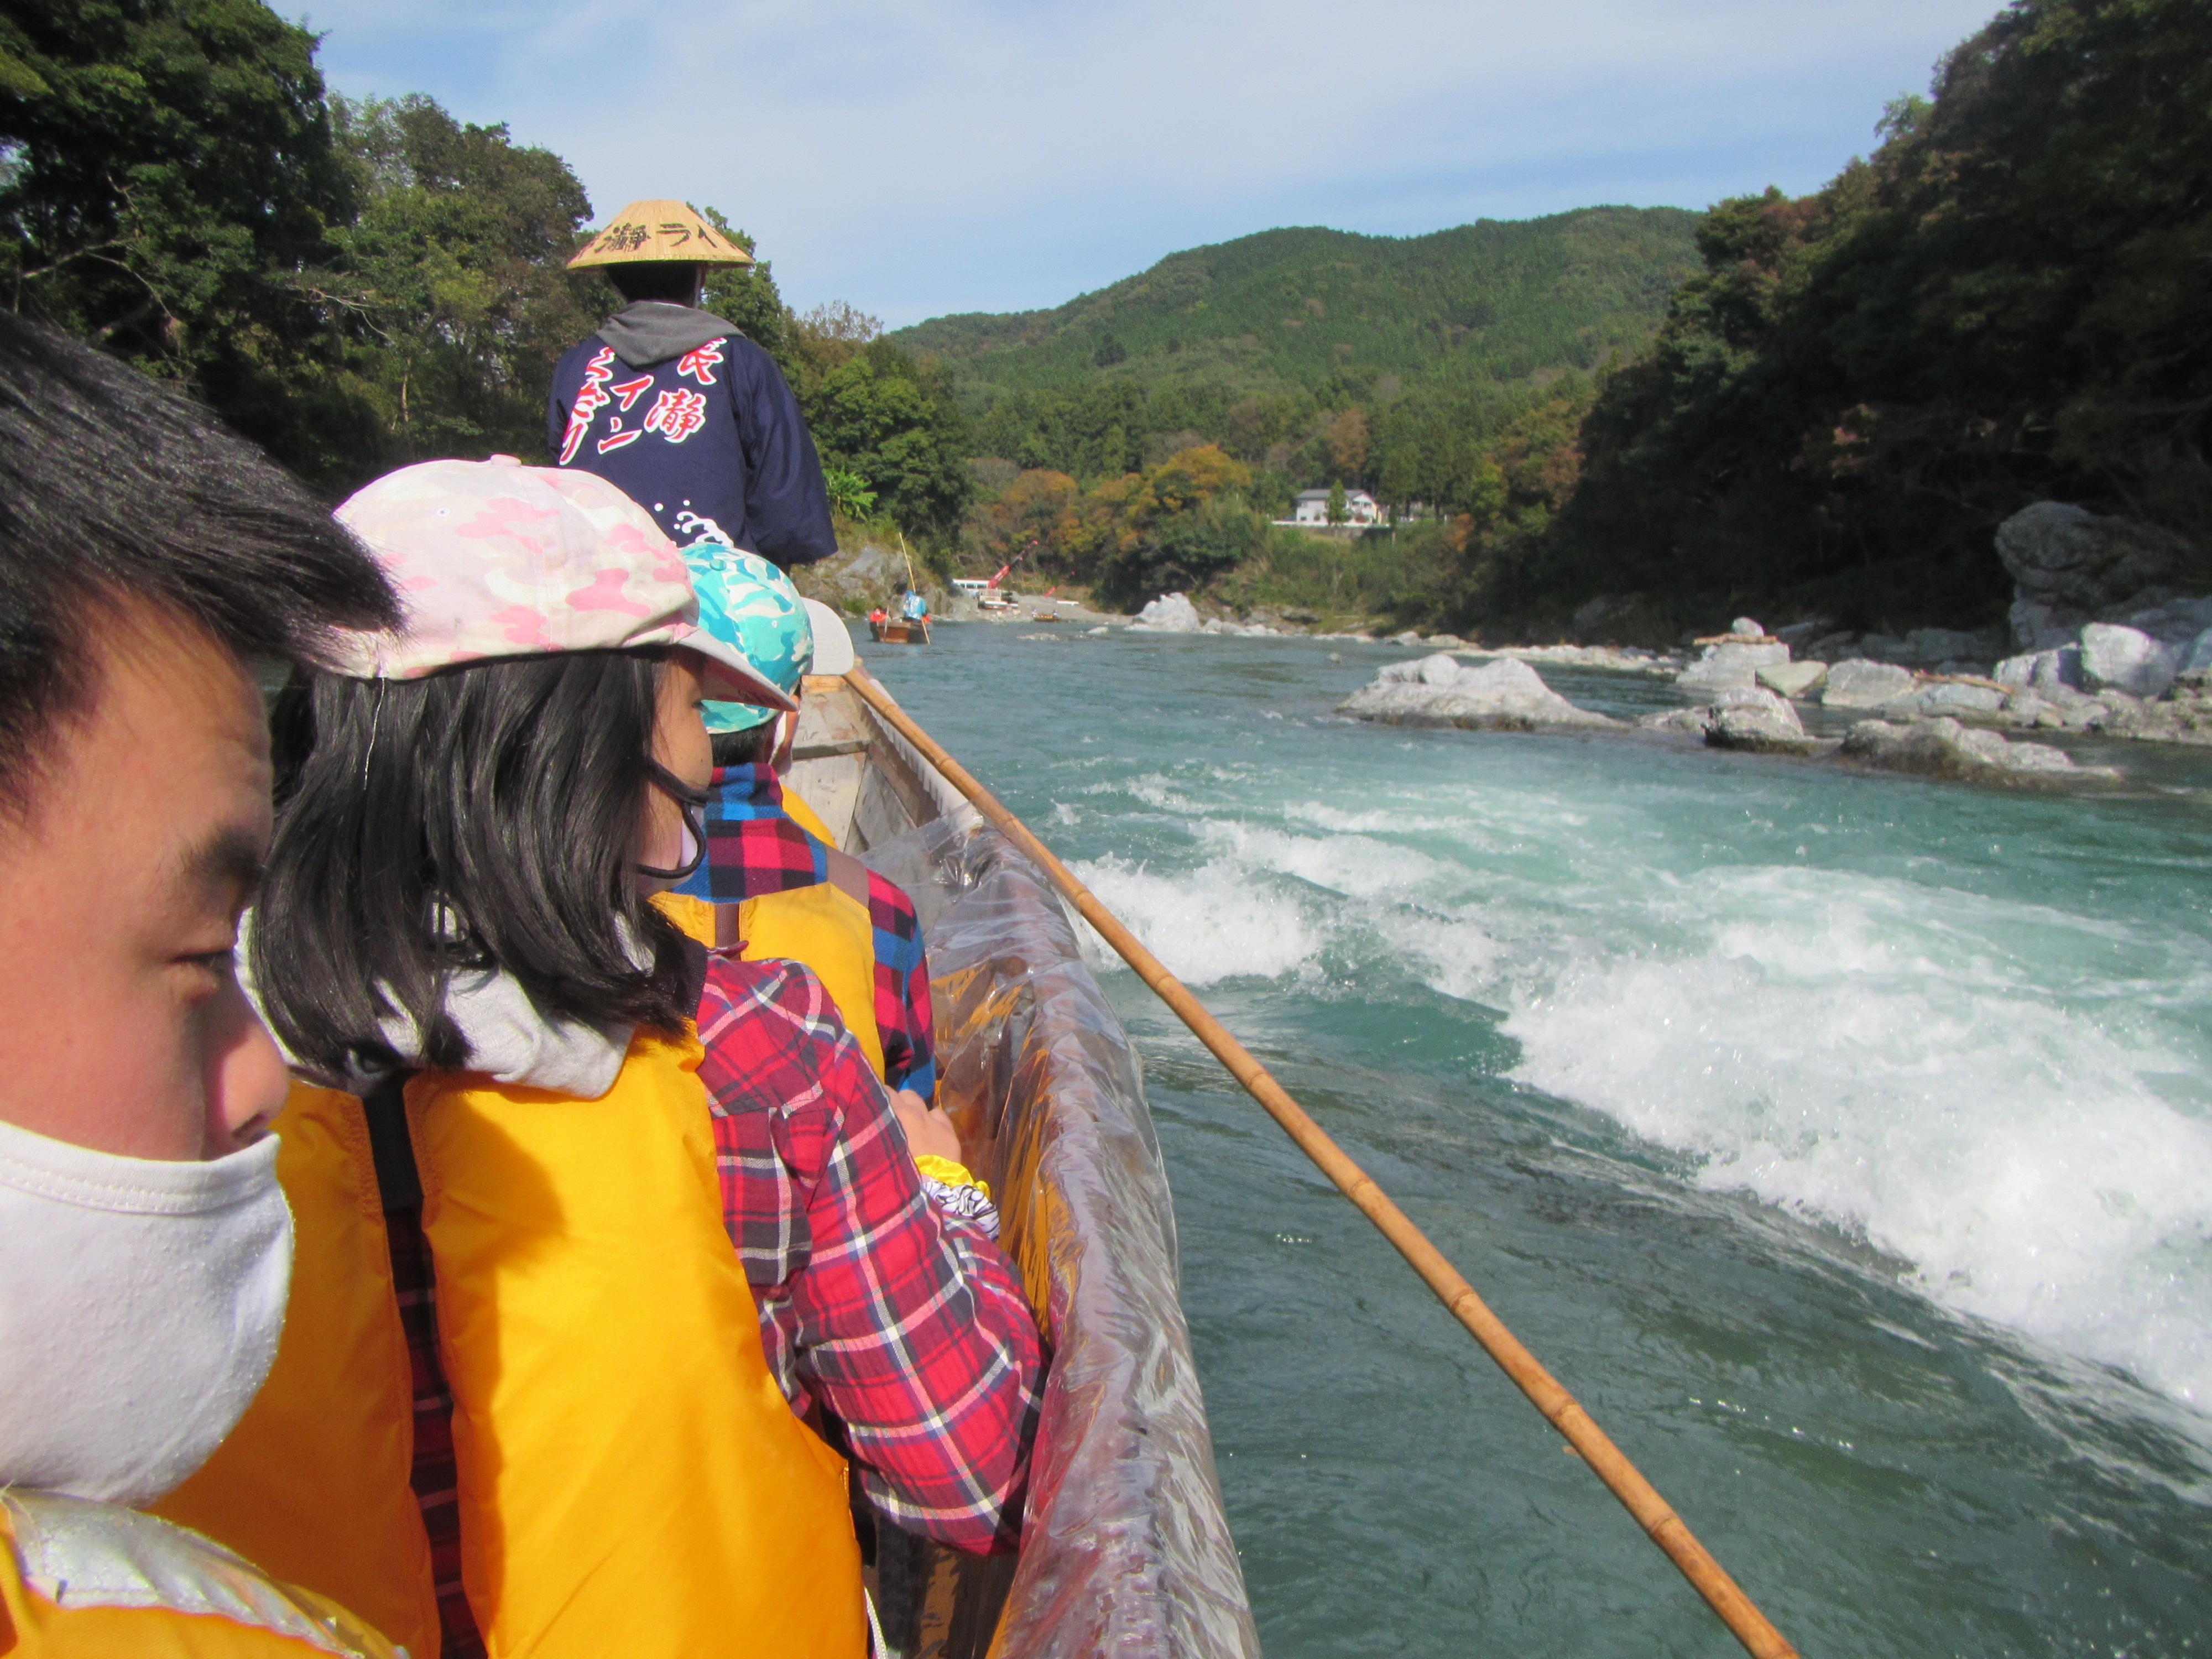 長瀞ライン下り 水面近いし、岩すれすれ通るよね。